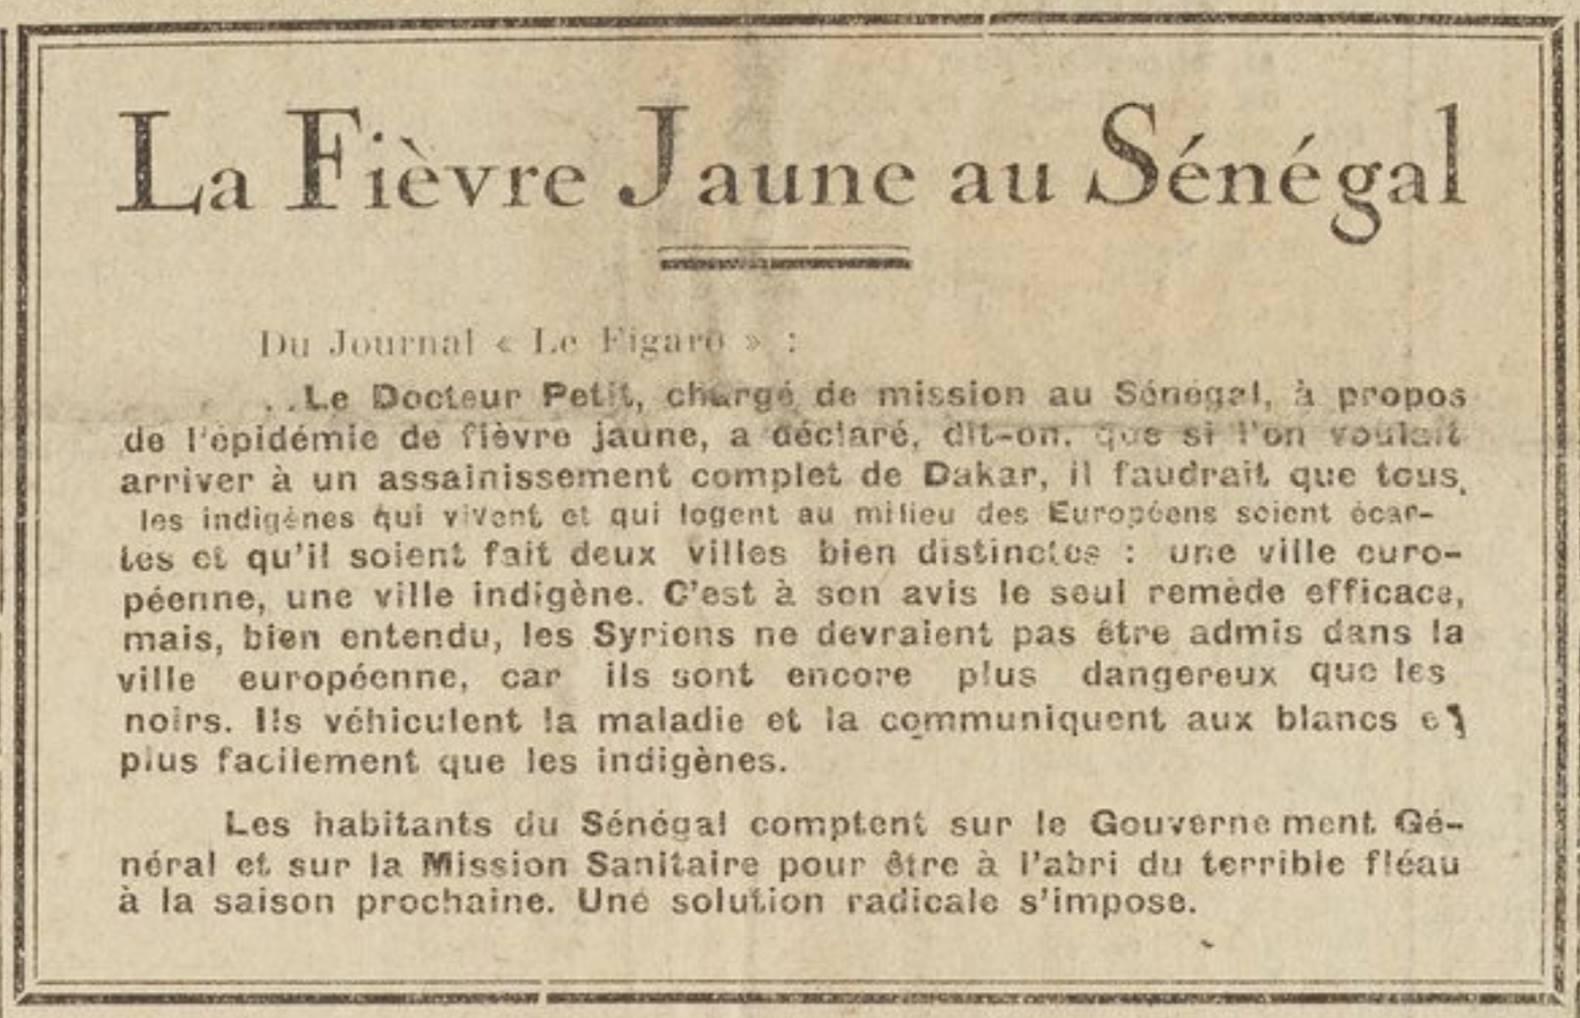 Un apartheid sanitaire au Sénégal ( 1928 )